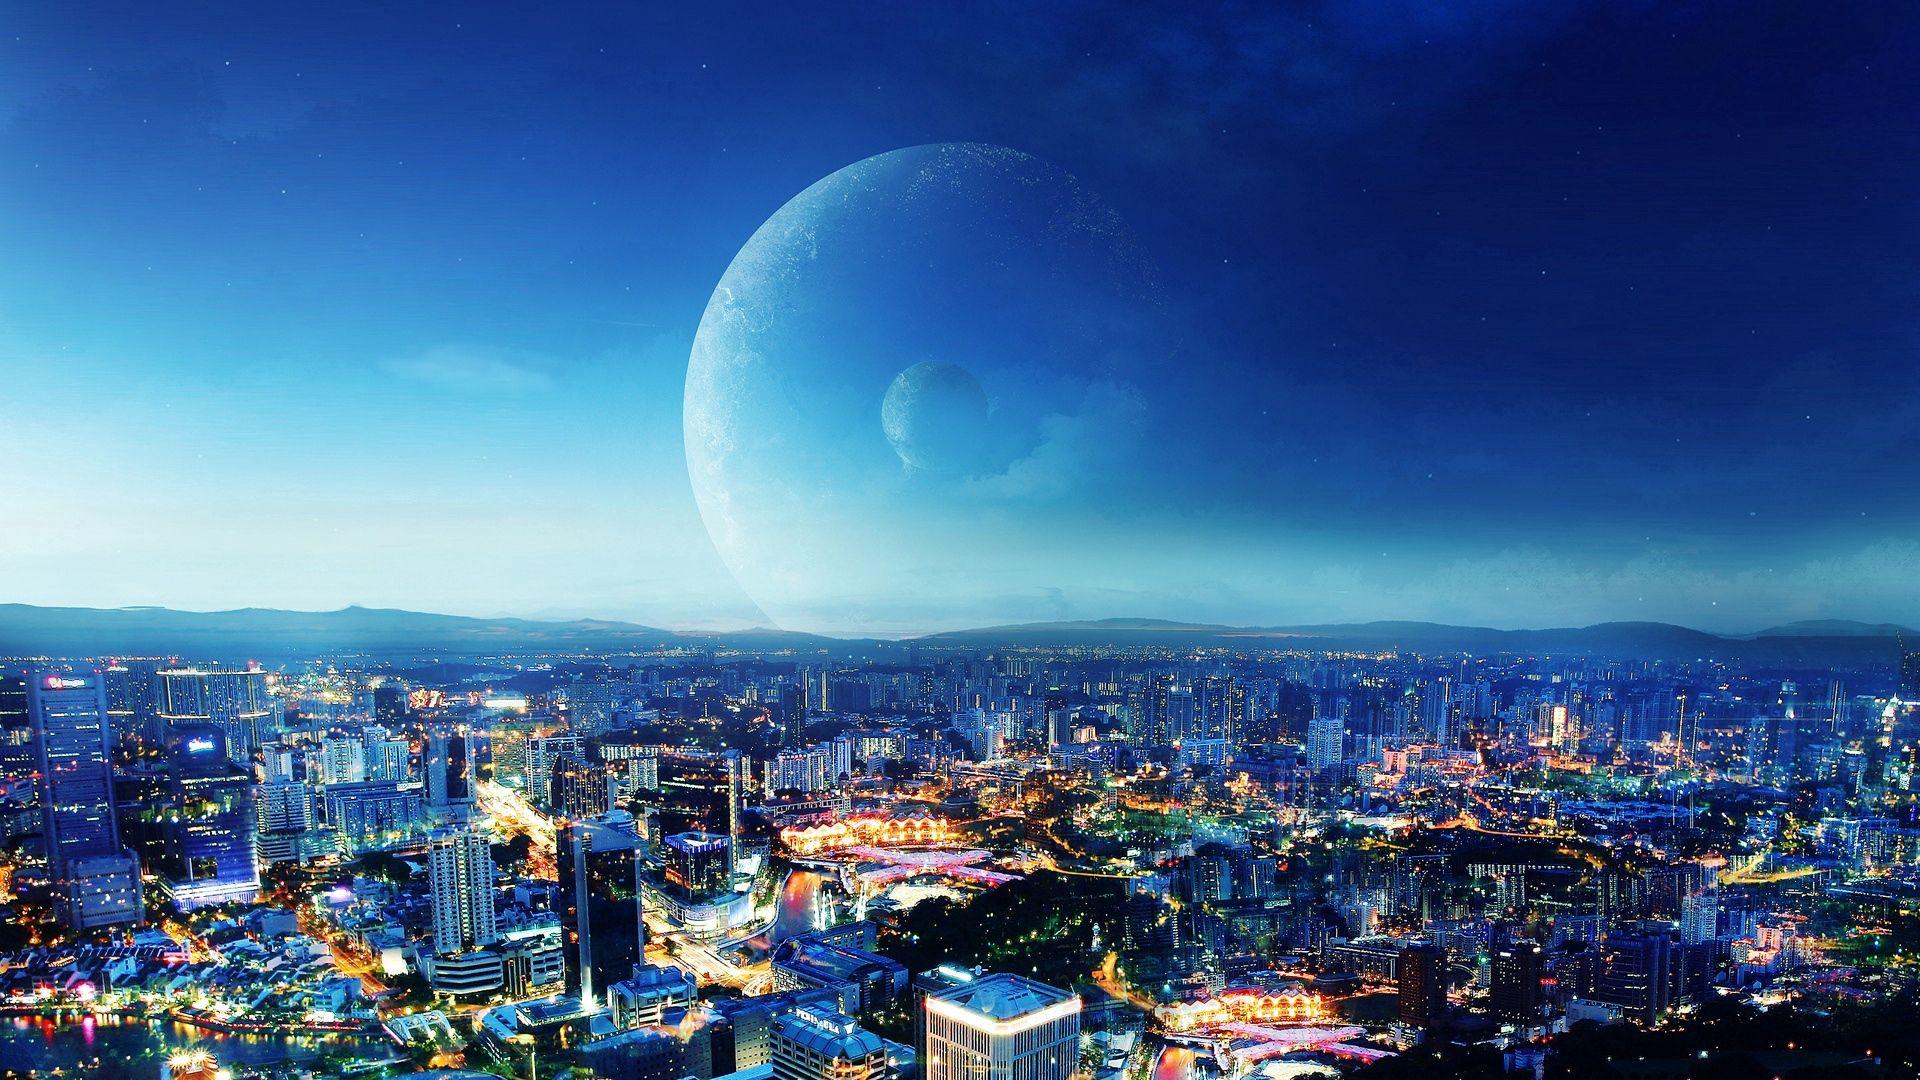 66475 скачать обои Планеты, Города, Город, Вечер - заставки и картинки бесплатно